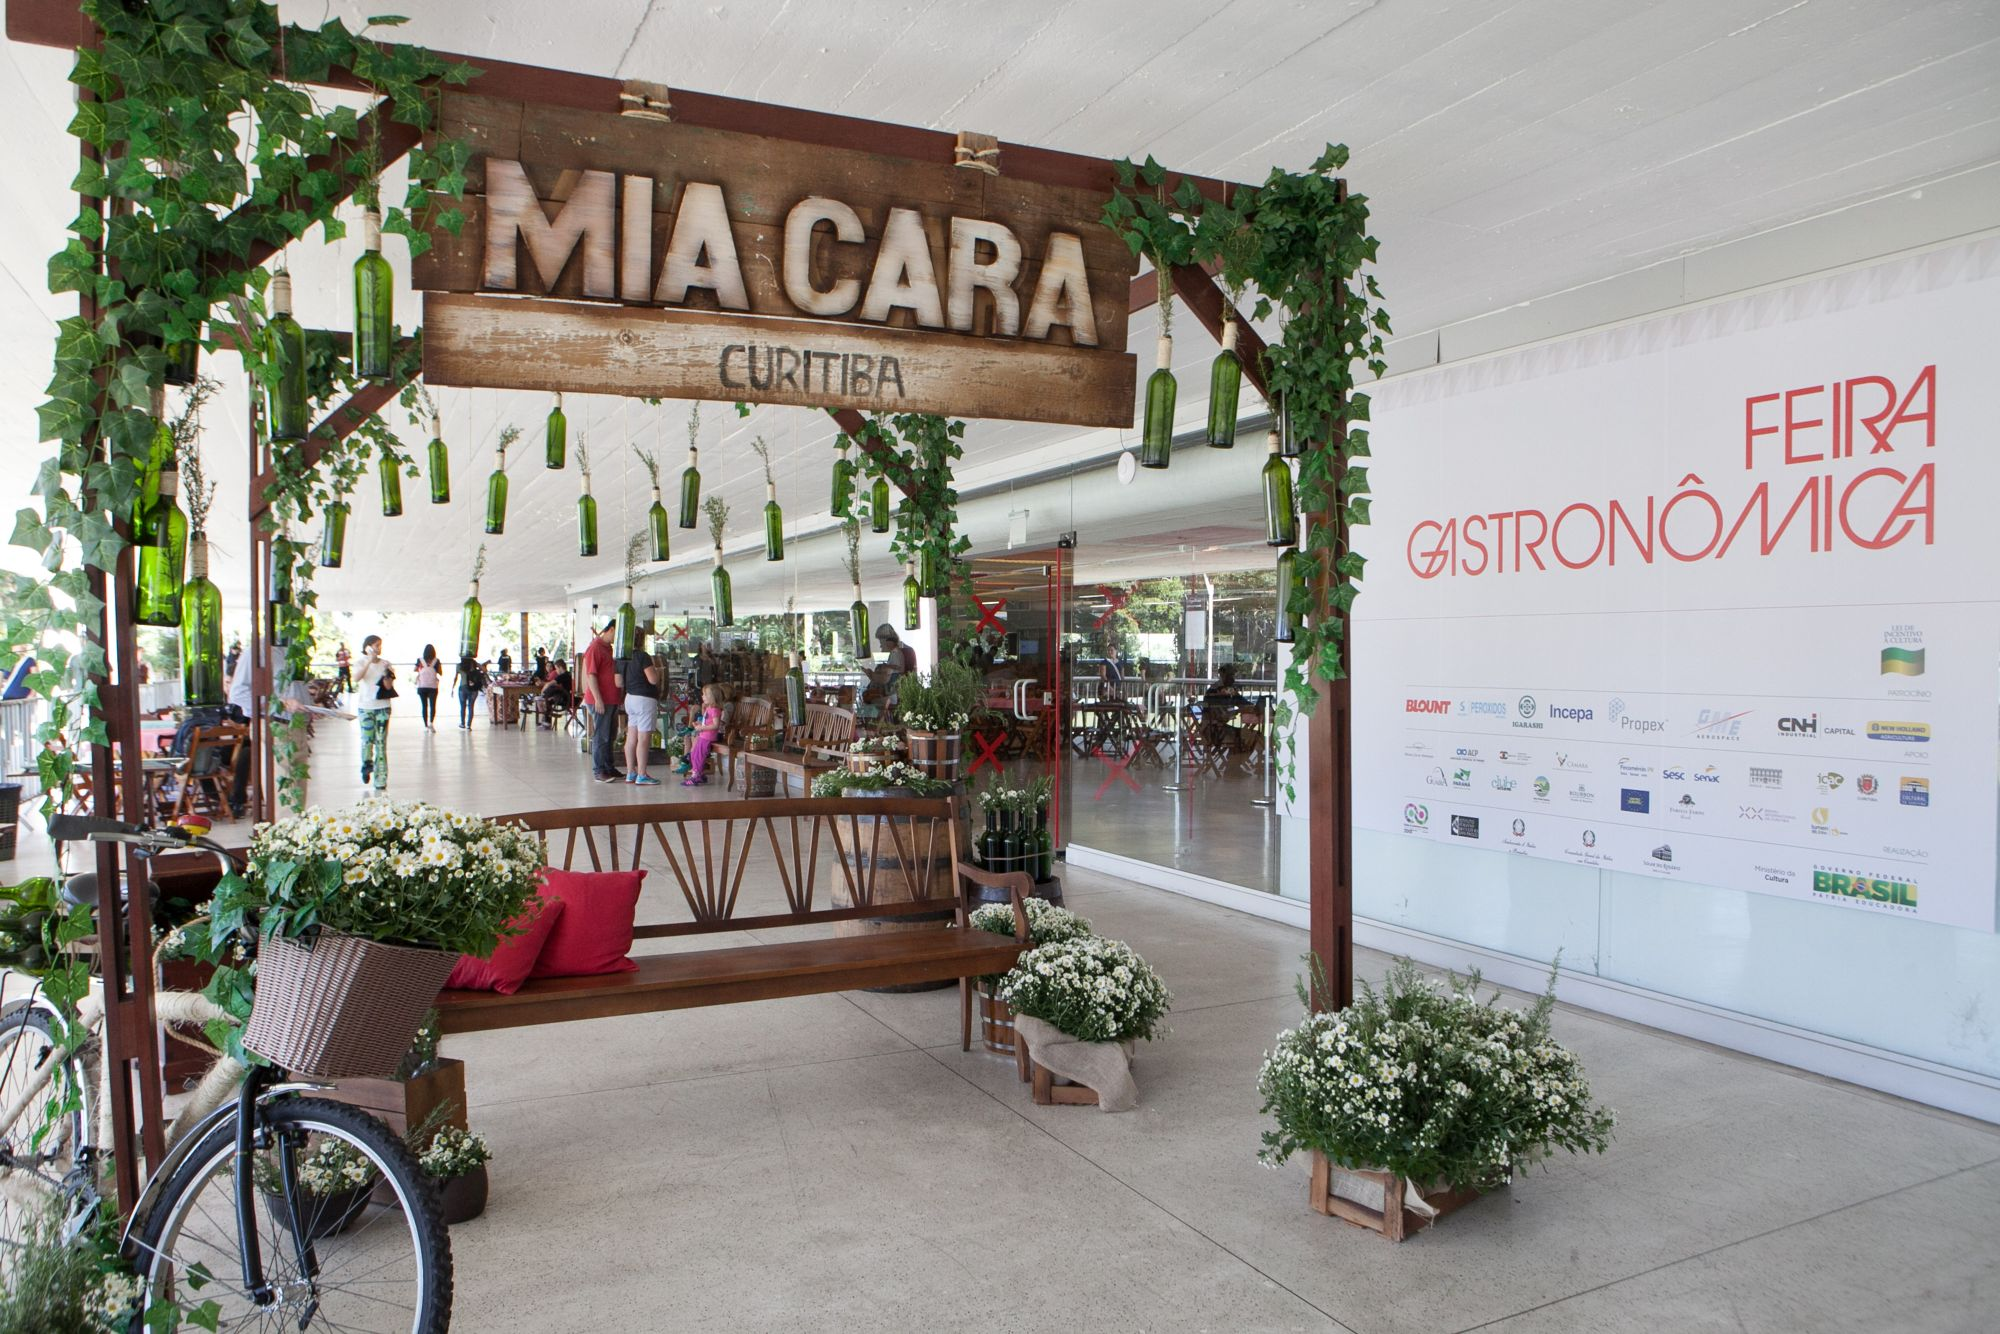 Mia Cara Curitiba: feira gastronômica italiana terá pratos típicos no fim de semana